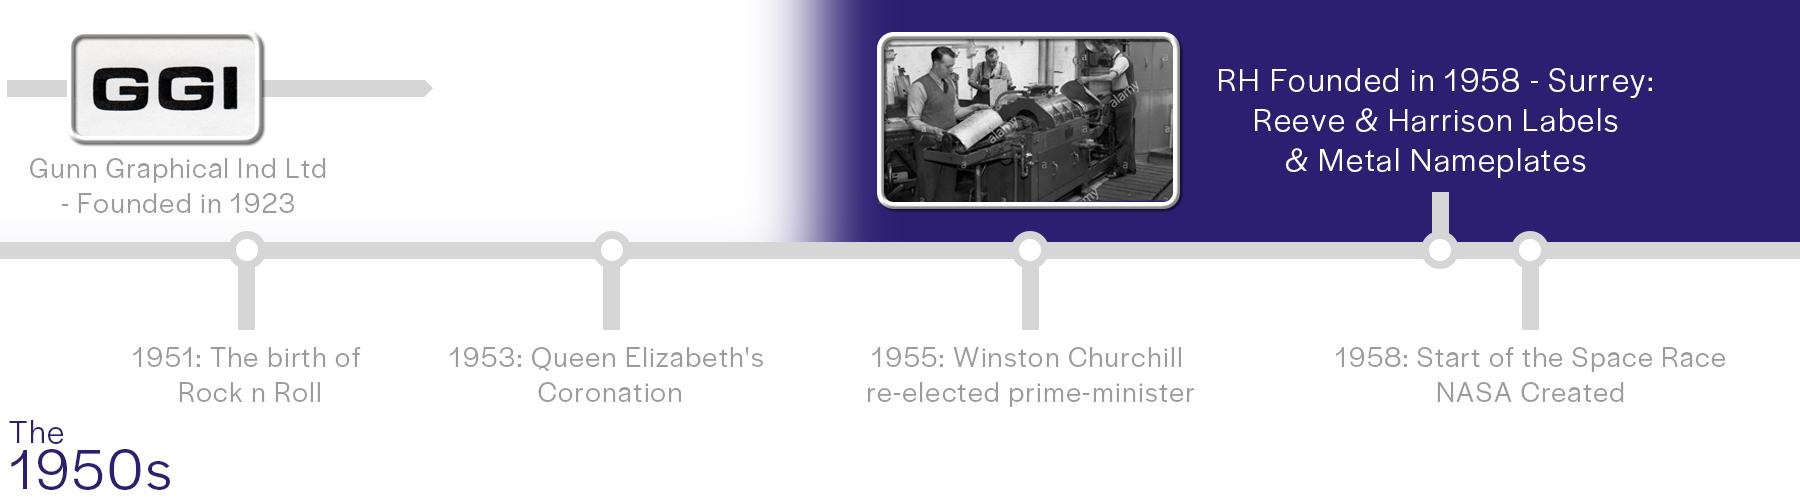 RH Timeline - 1950s Slide